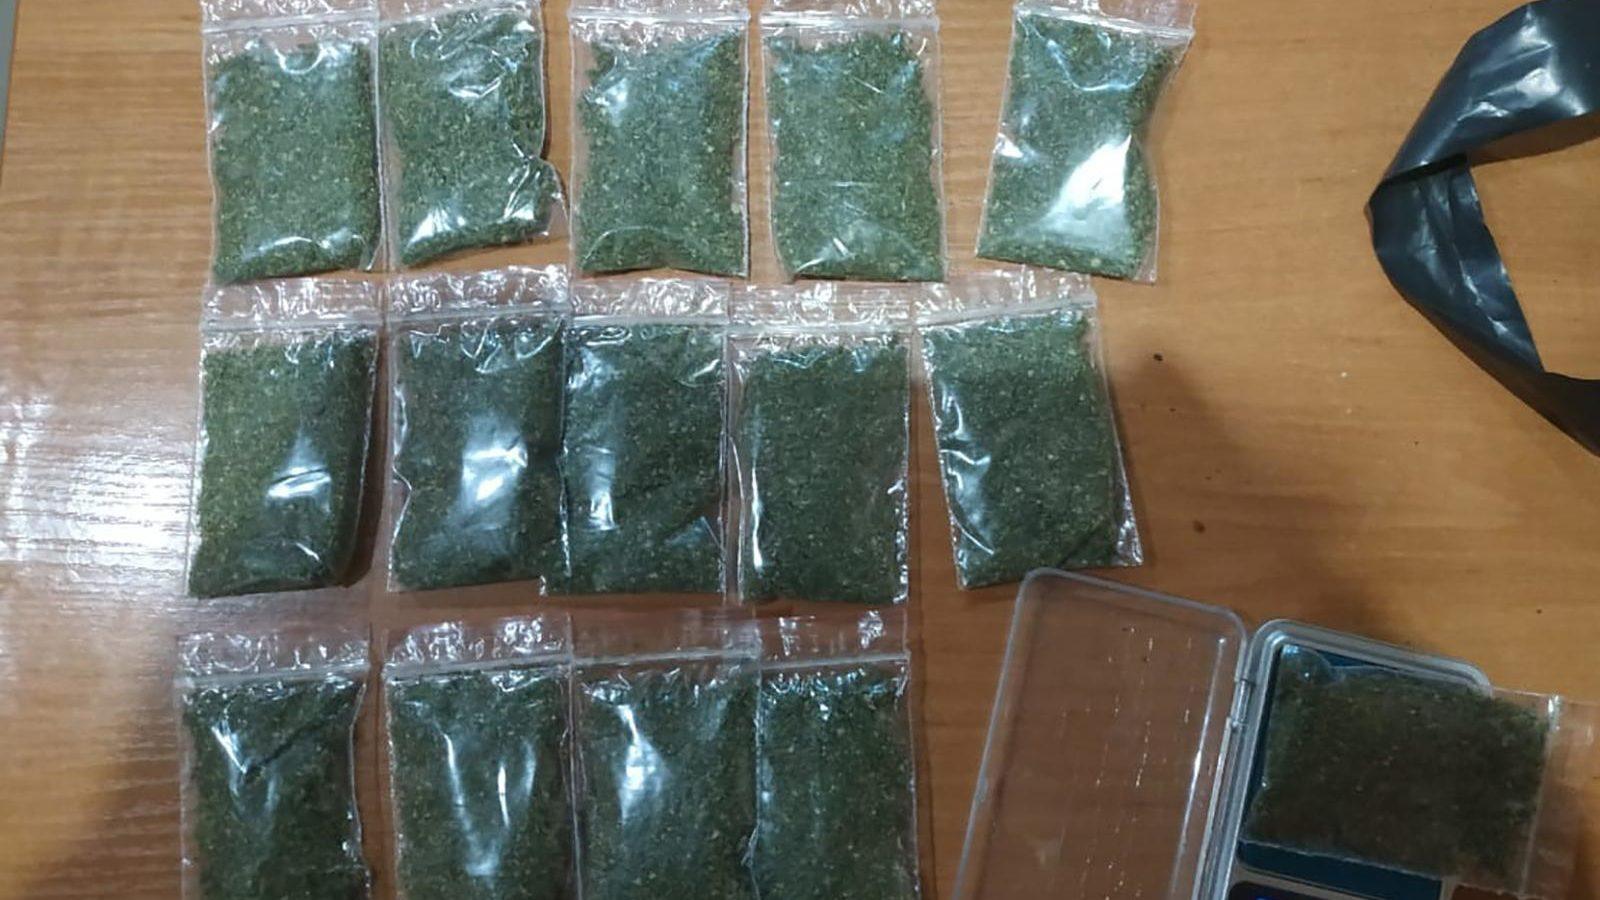 В Днепрорудном полицейские задержали мужчину, который при себе имел 21 пакетик с